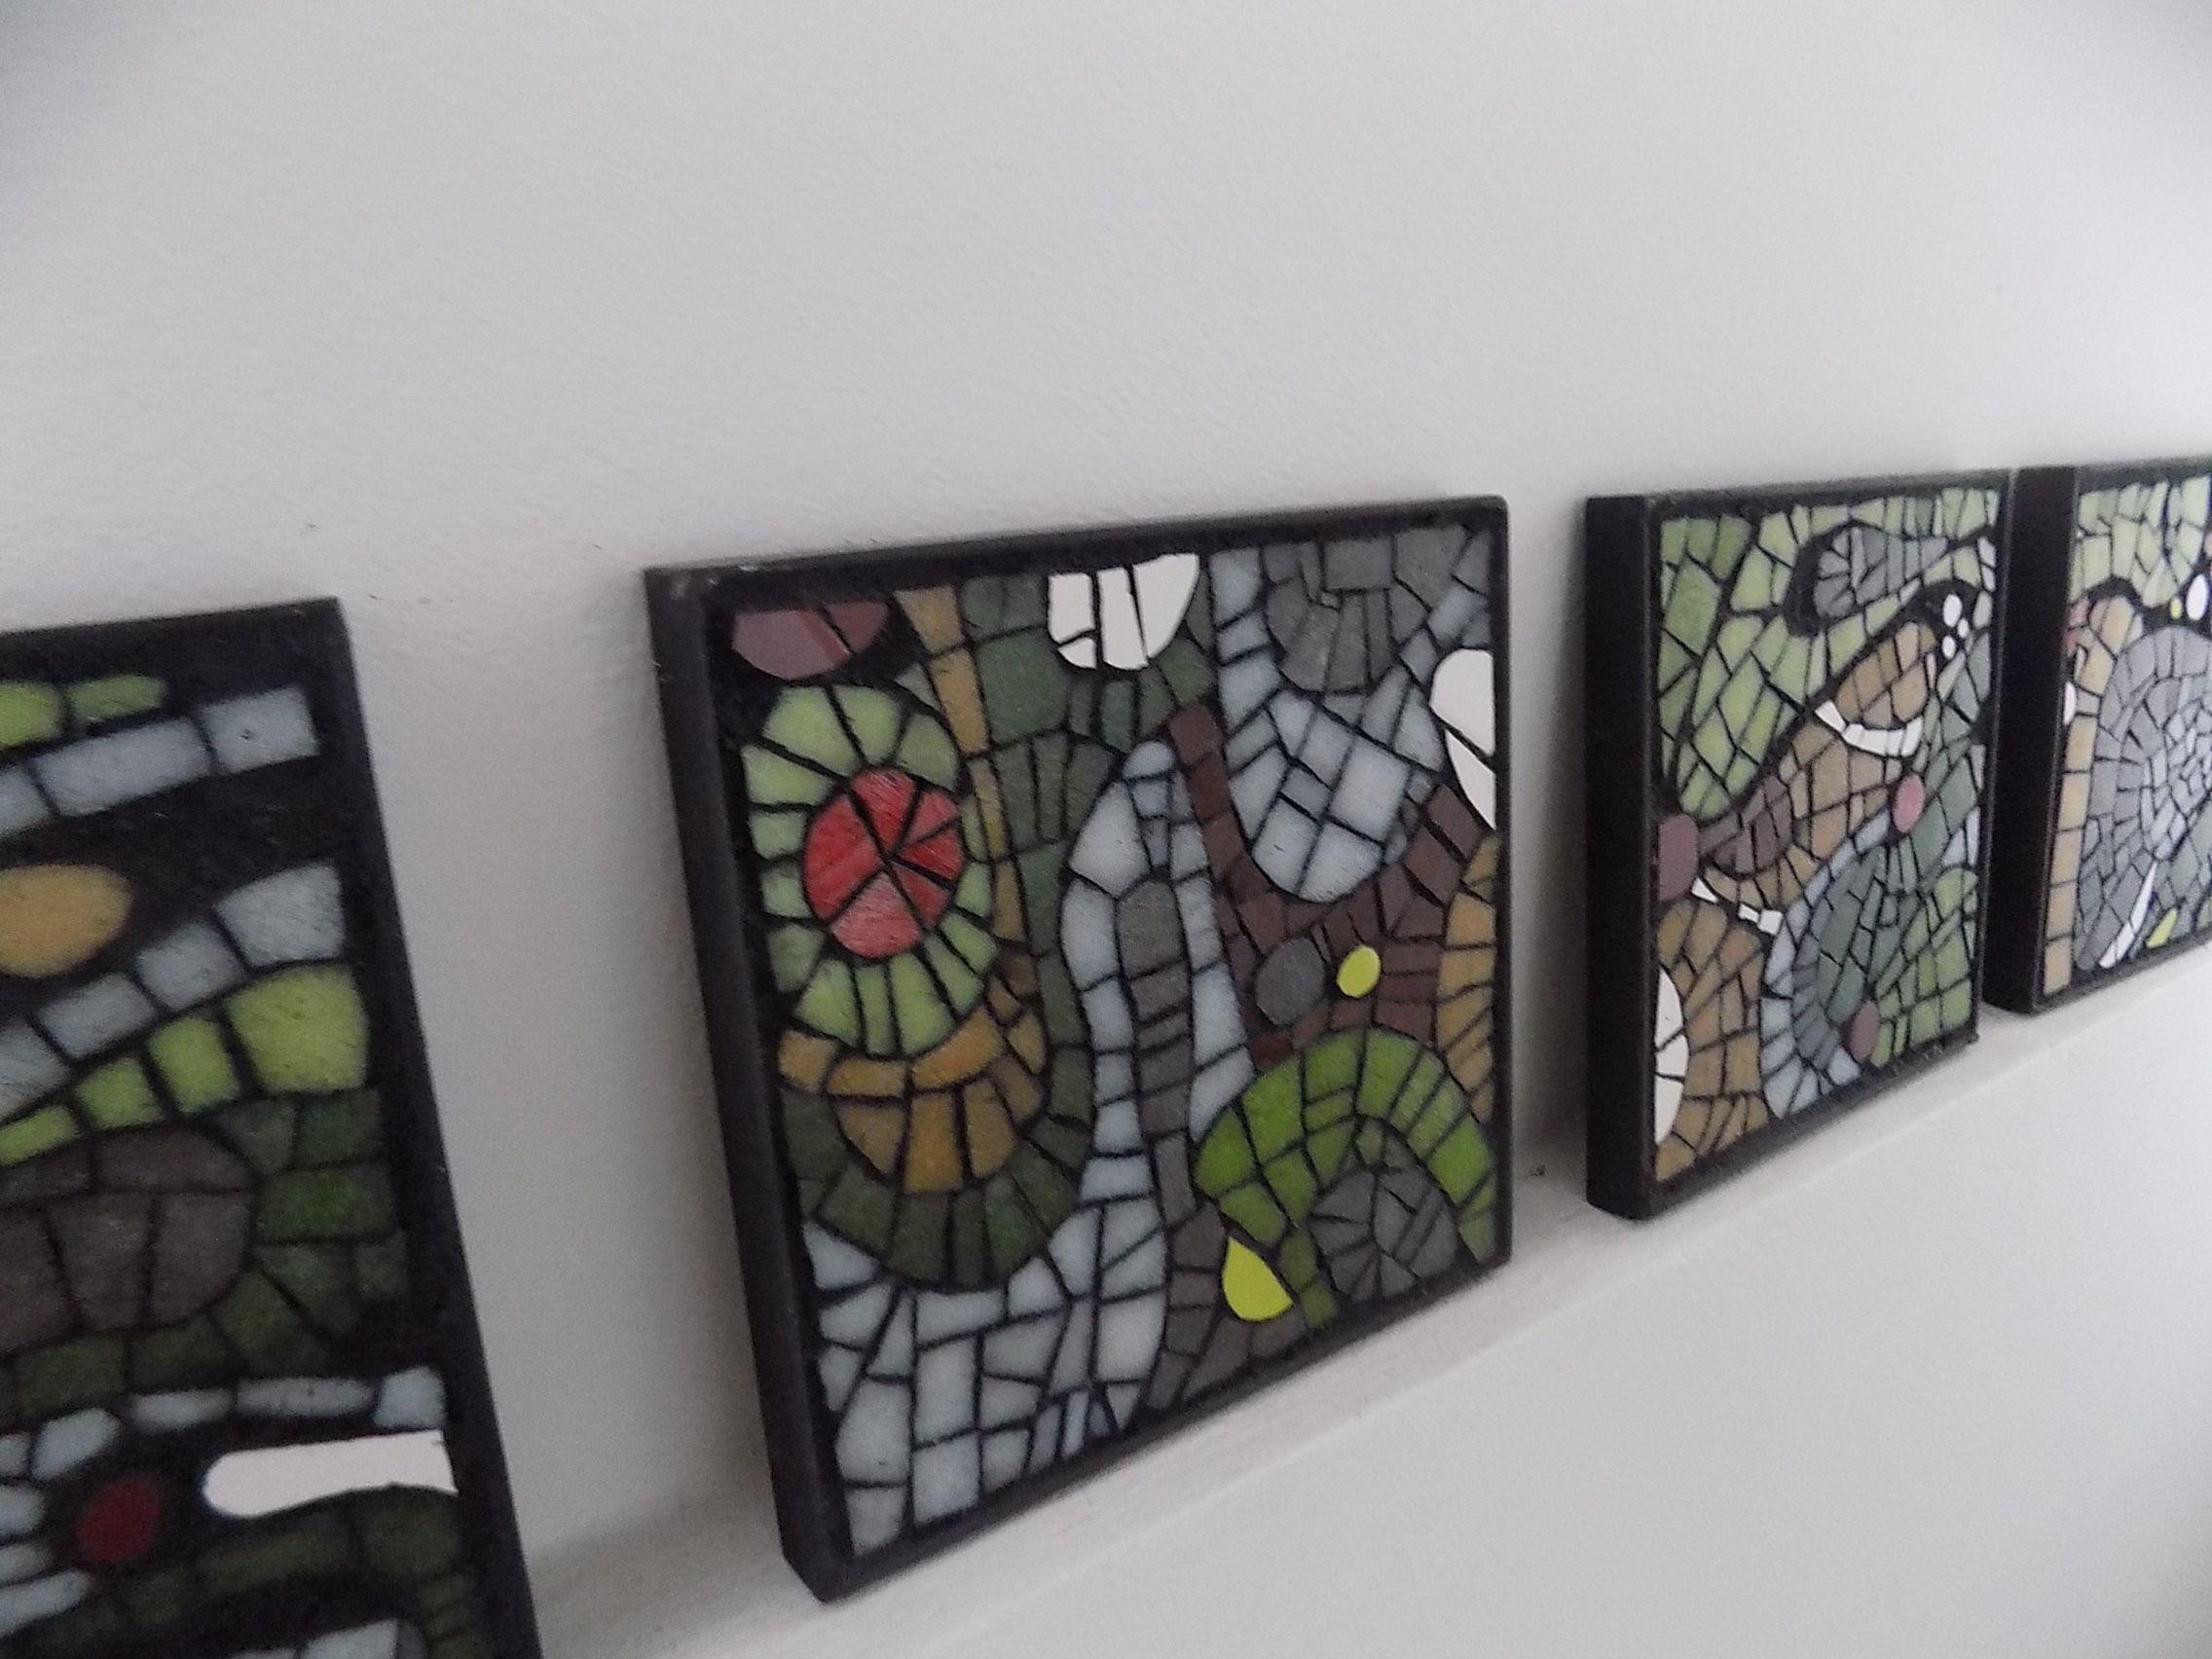 Cuadritos mosaico para exterior con marcos de hierro. | Mosaiquismo ...